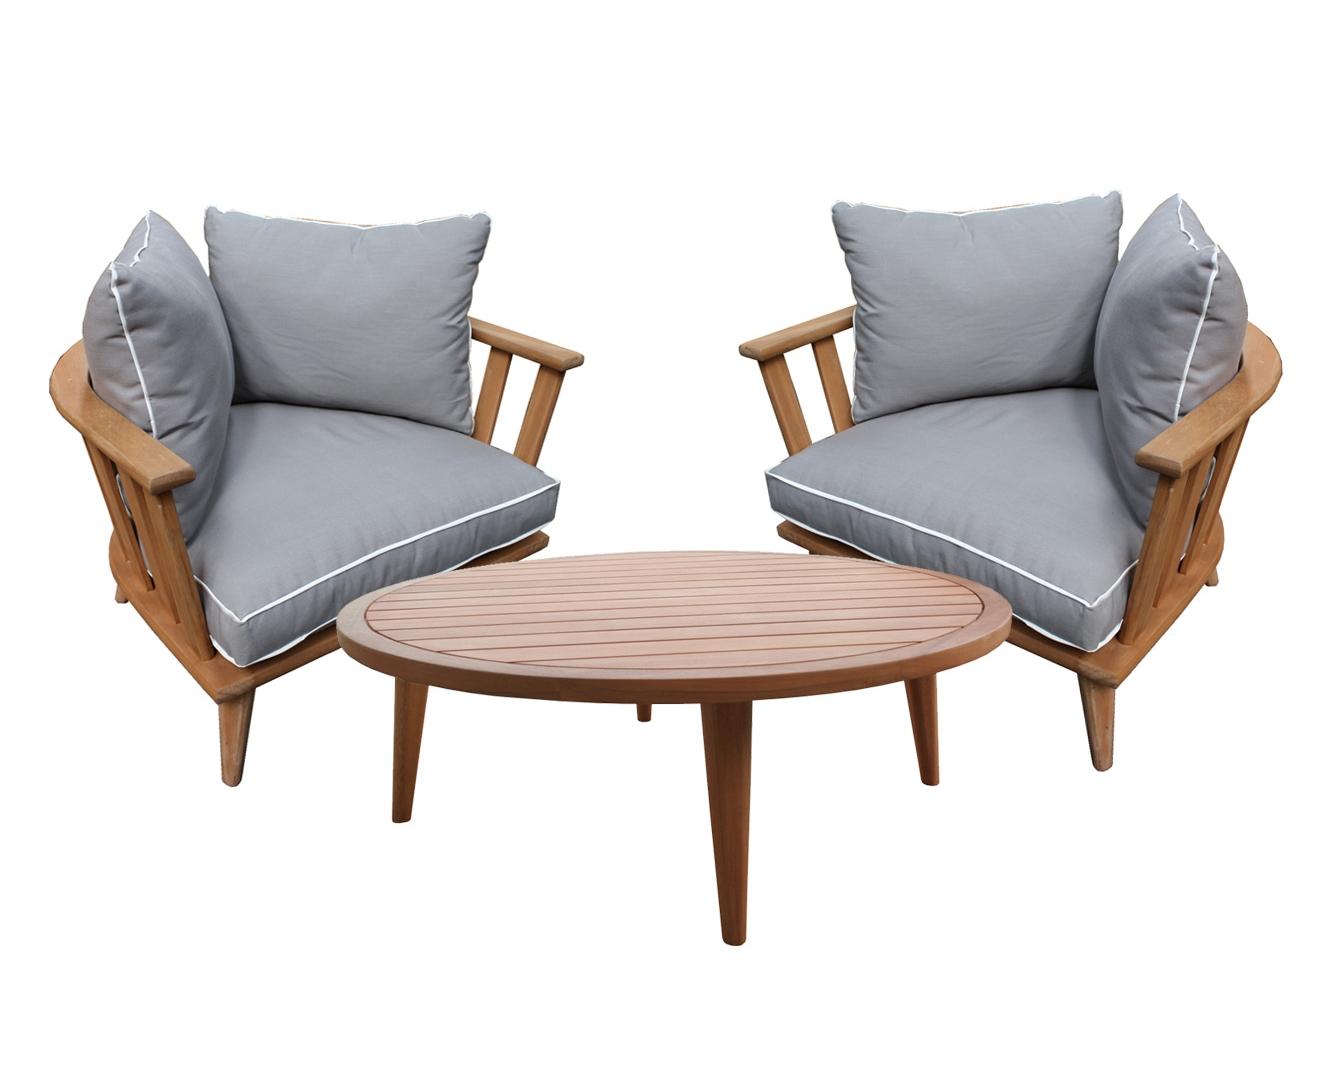 Комплект BarcelonaКомплекты уличной мебели<br>Barcelona состоит из двух невероятно удобных кресел с мягкими подушками и круглого стола. Комплект изготовлен из акации, окрашенной в цвет &amp;quot;тик&amp;quot;.&amp;amp;nbsp;&amp;lt;div&amp;gt;&amp;lt;br&amp;gt;&amp;lt;/div&amp;gt;&amp;lt;div&amp;gt;Размеры: Кресла:<br>Длина: 95 см; Ширина: 76 см; Высота: 60 см;&amp;amp;nbsp;&amp;lt;/div&amp;gt;&amp;lt;div&amp;gt;&amp;lt;br&amp;gt;&amp;lt;/div&amp;gt;<br><br>Material: Дерево<br>Height см: 35<br>Diameter см: 100